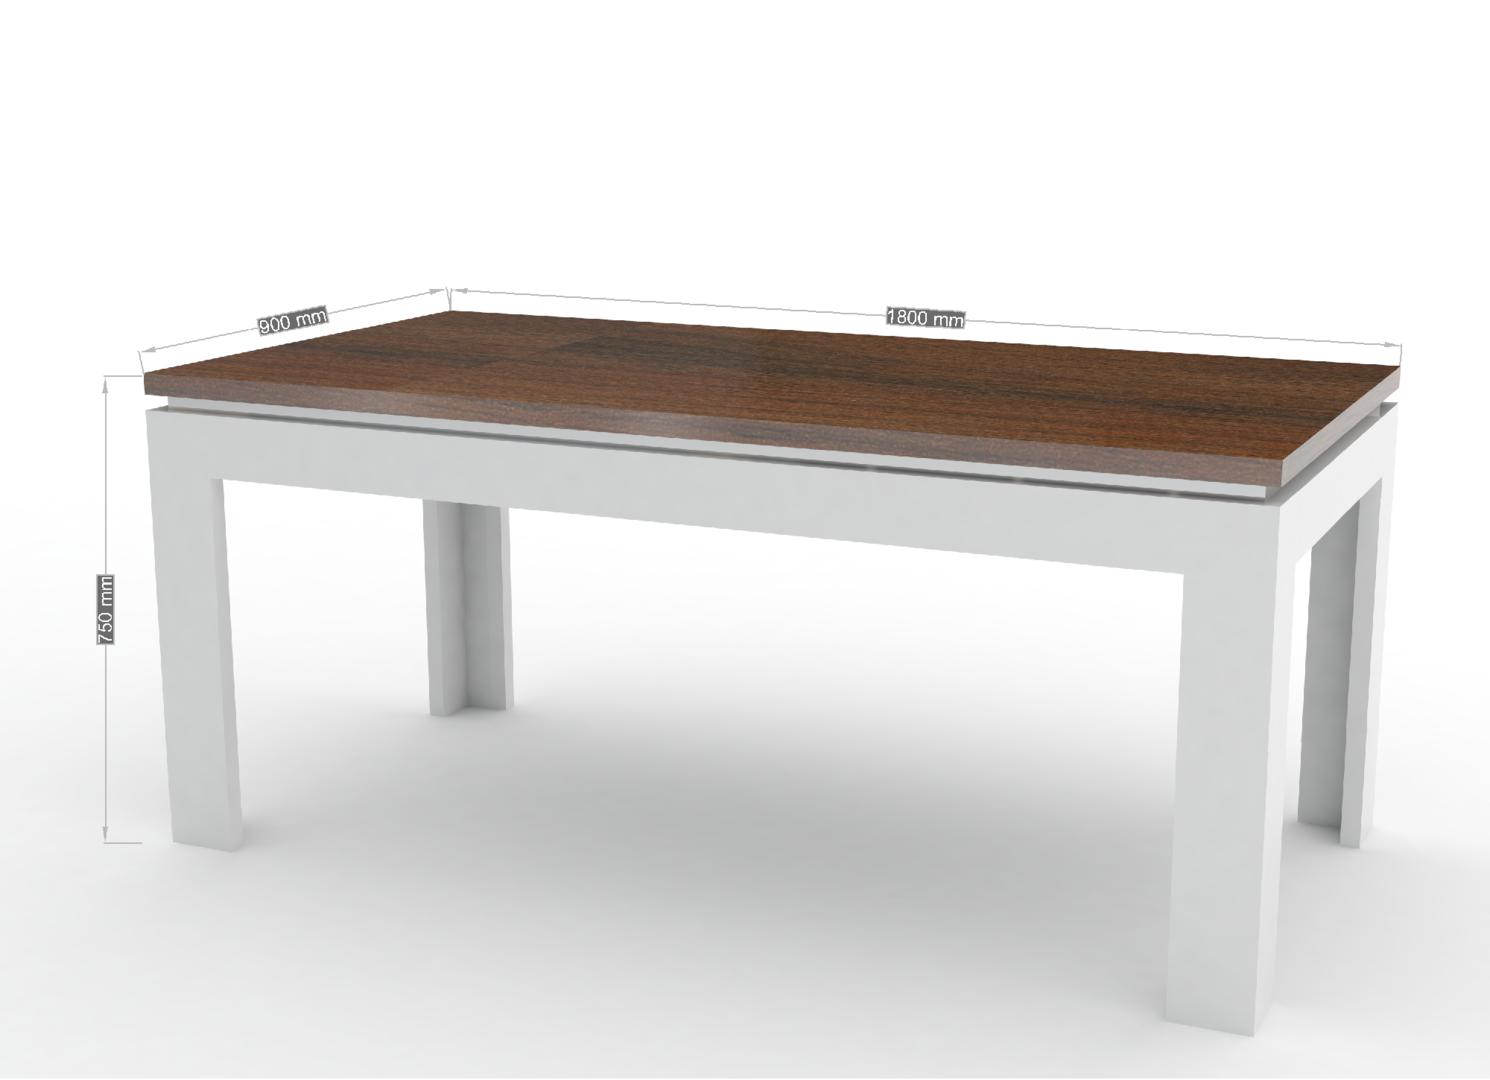 Tavolo moderno bianco messico mobile per sala da pranzo cucina - Tavolo rotondo bianco ikea ...